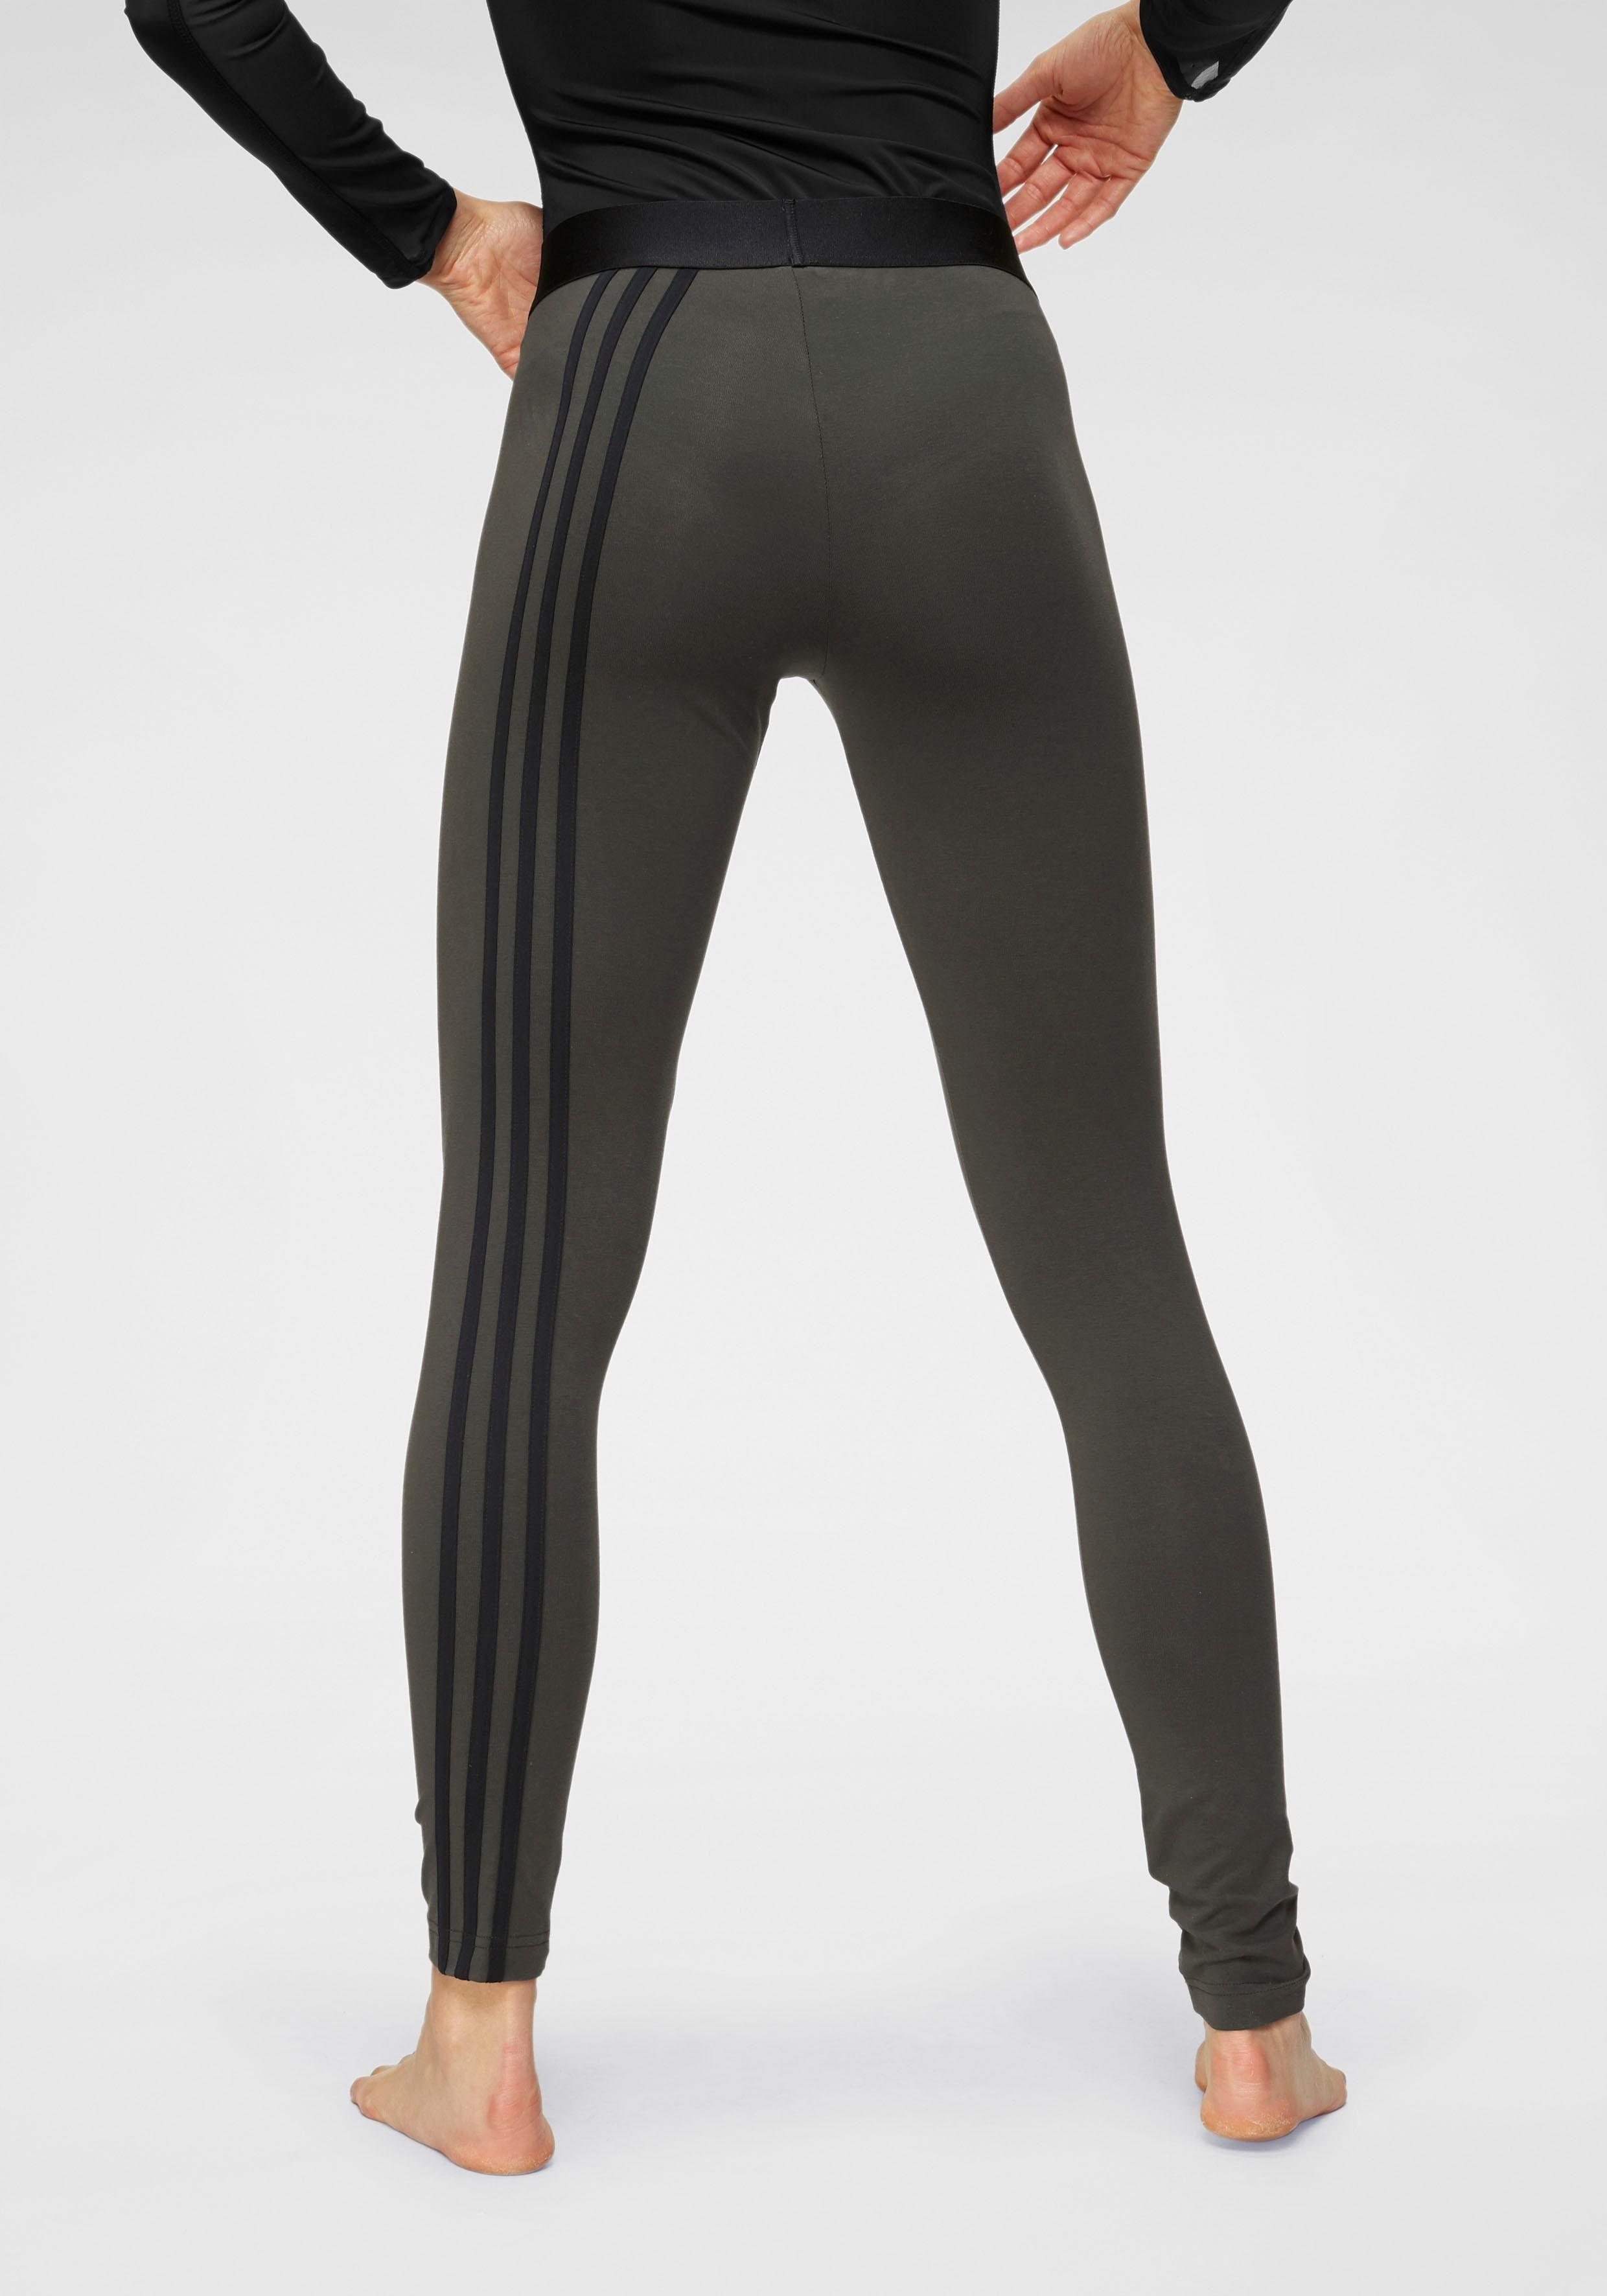 adidas Performance Leggings »ESSENTIALS 3 STRIPES TIGHT« auch in großen Größen online kaufen | OTTO